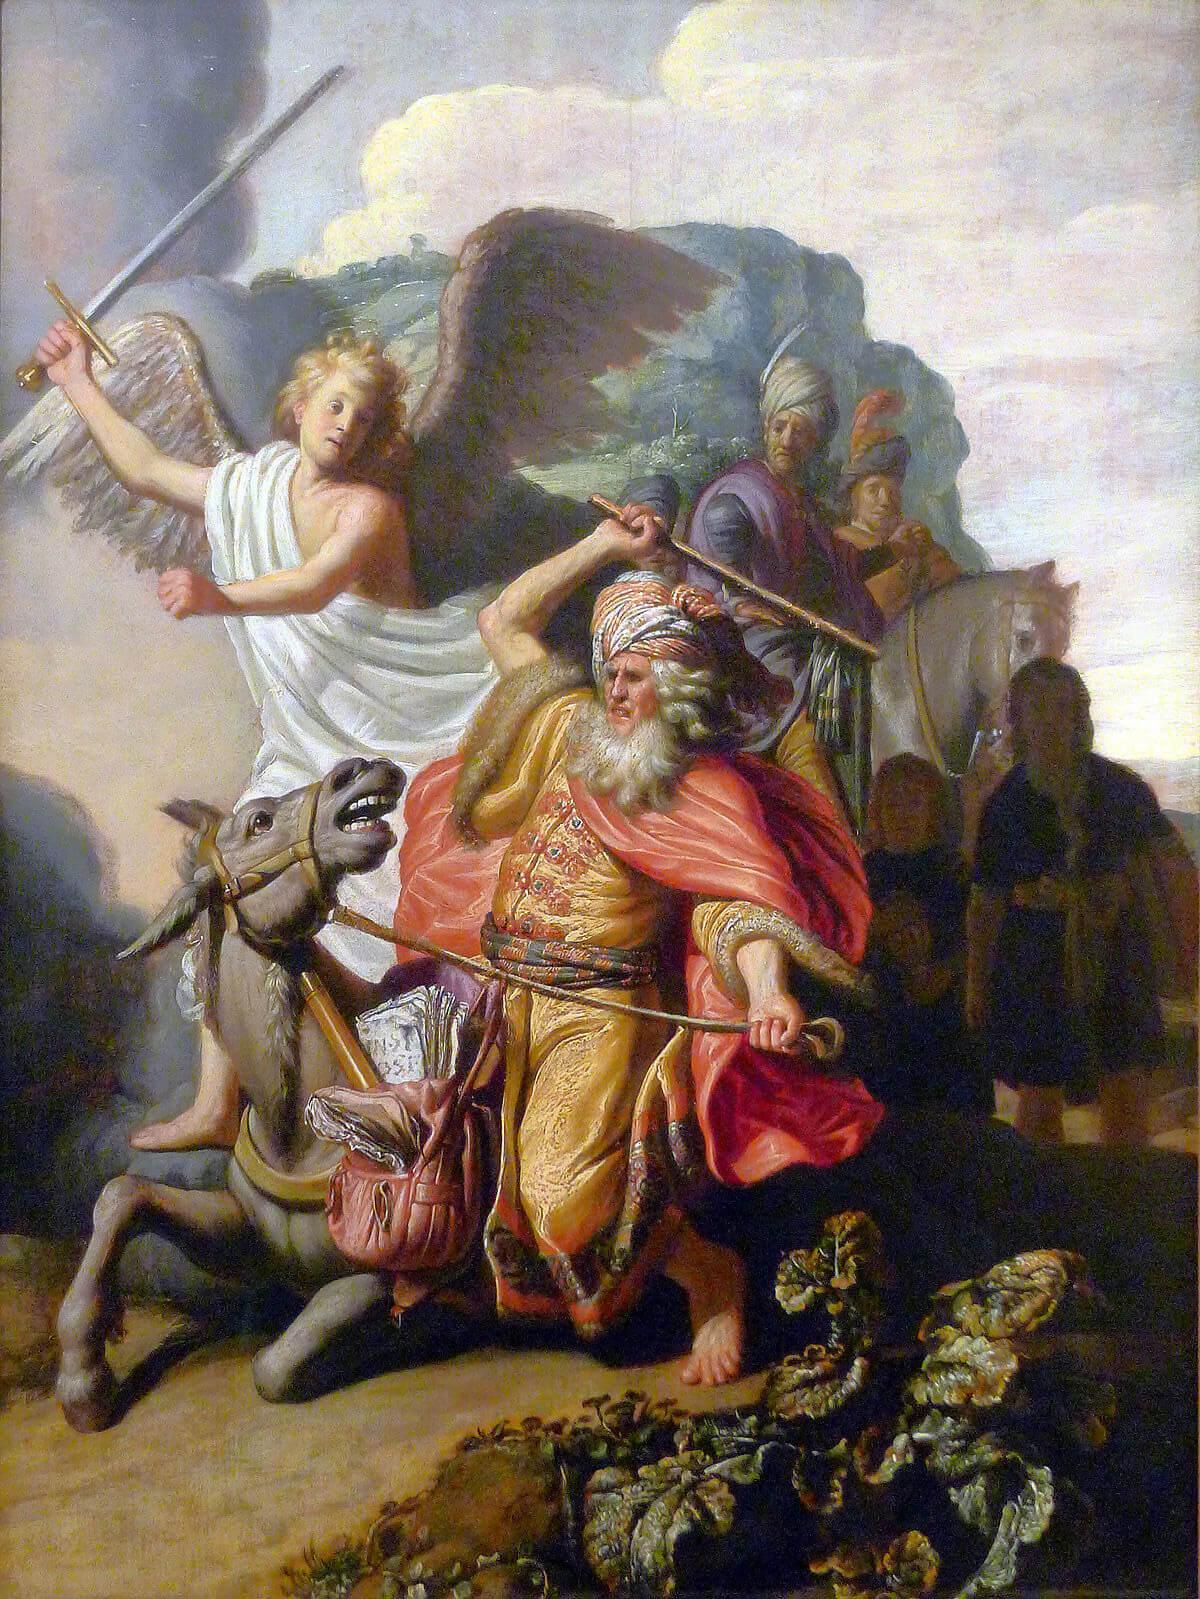 El profeta Balaam y su burra, Rembrandt